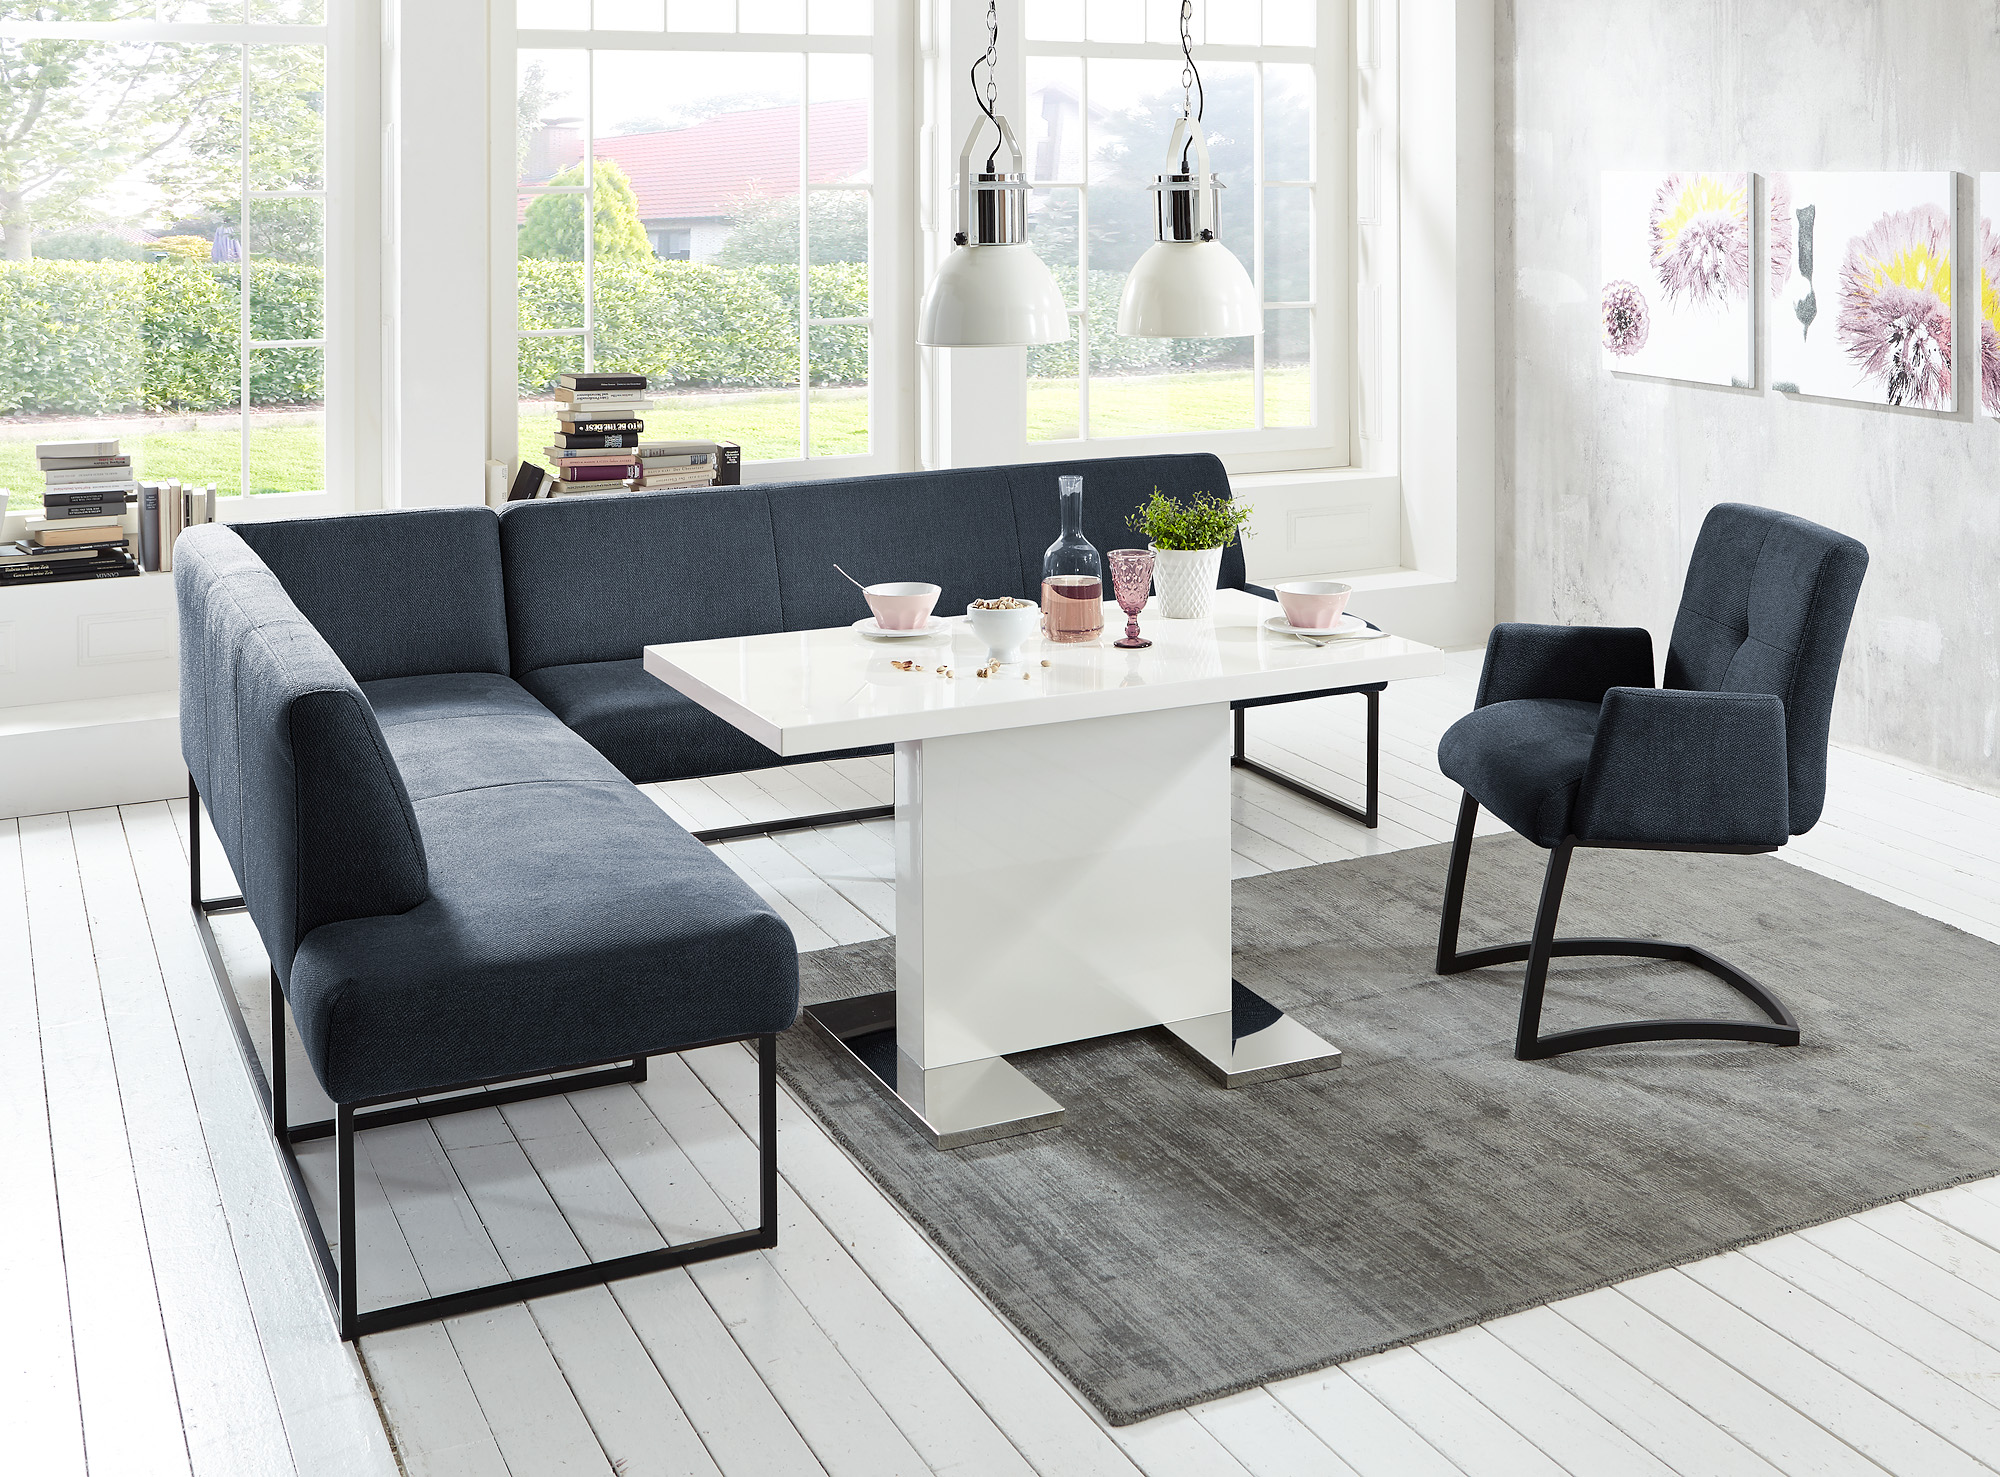 Affogato Eckbank gross Tisch No5 10.jpg